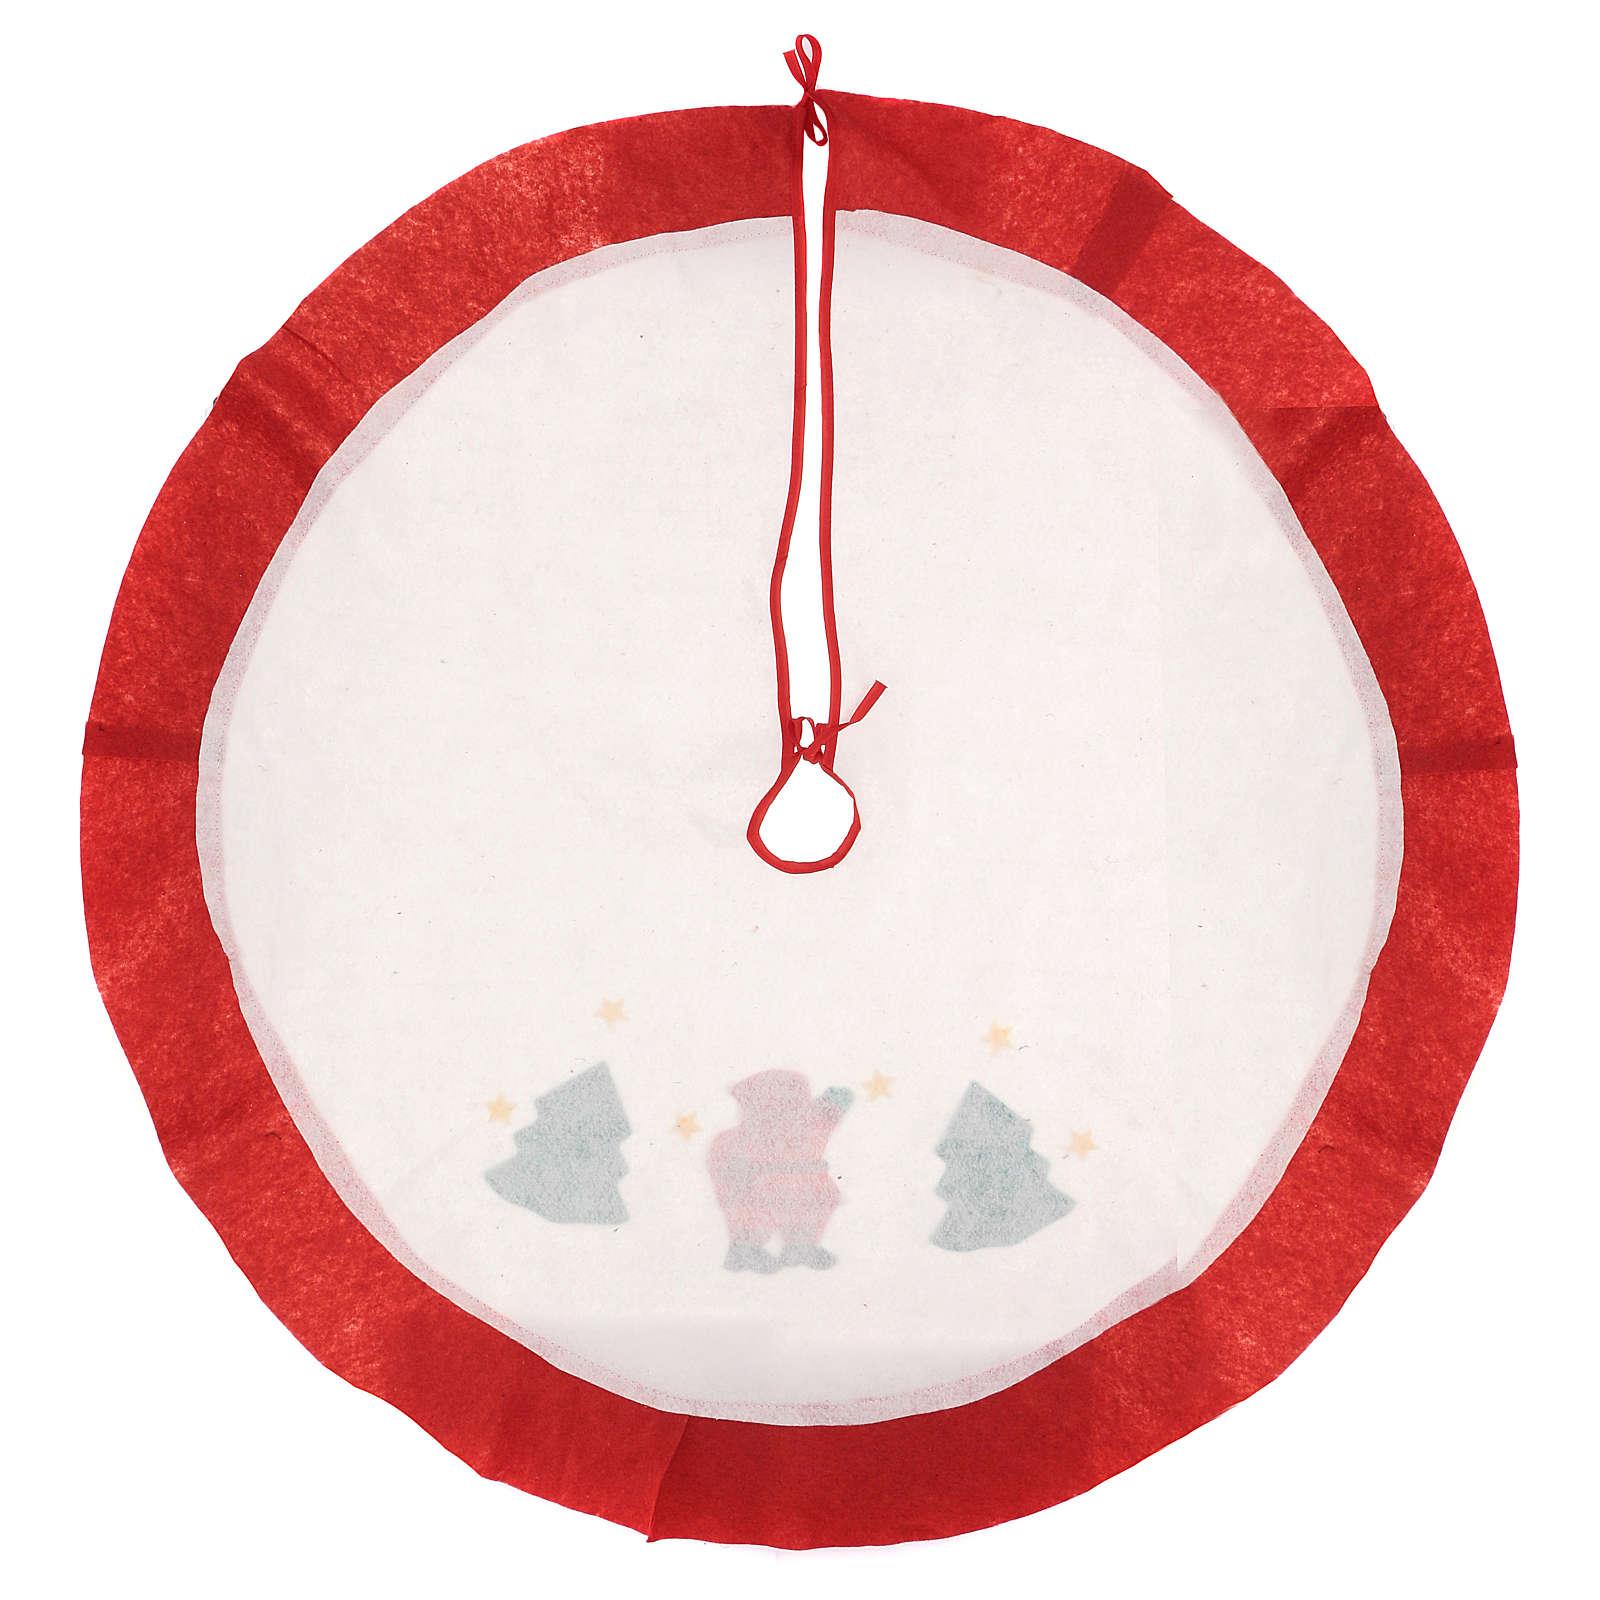 Weihnachtsbaum-Fußabdeckung rot und weiss mit Weihnachtsmann 105cm 3